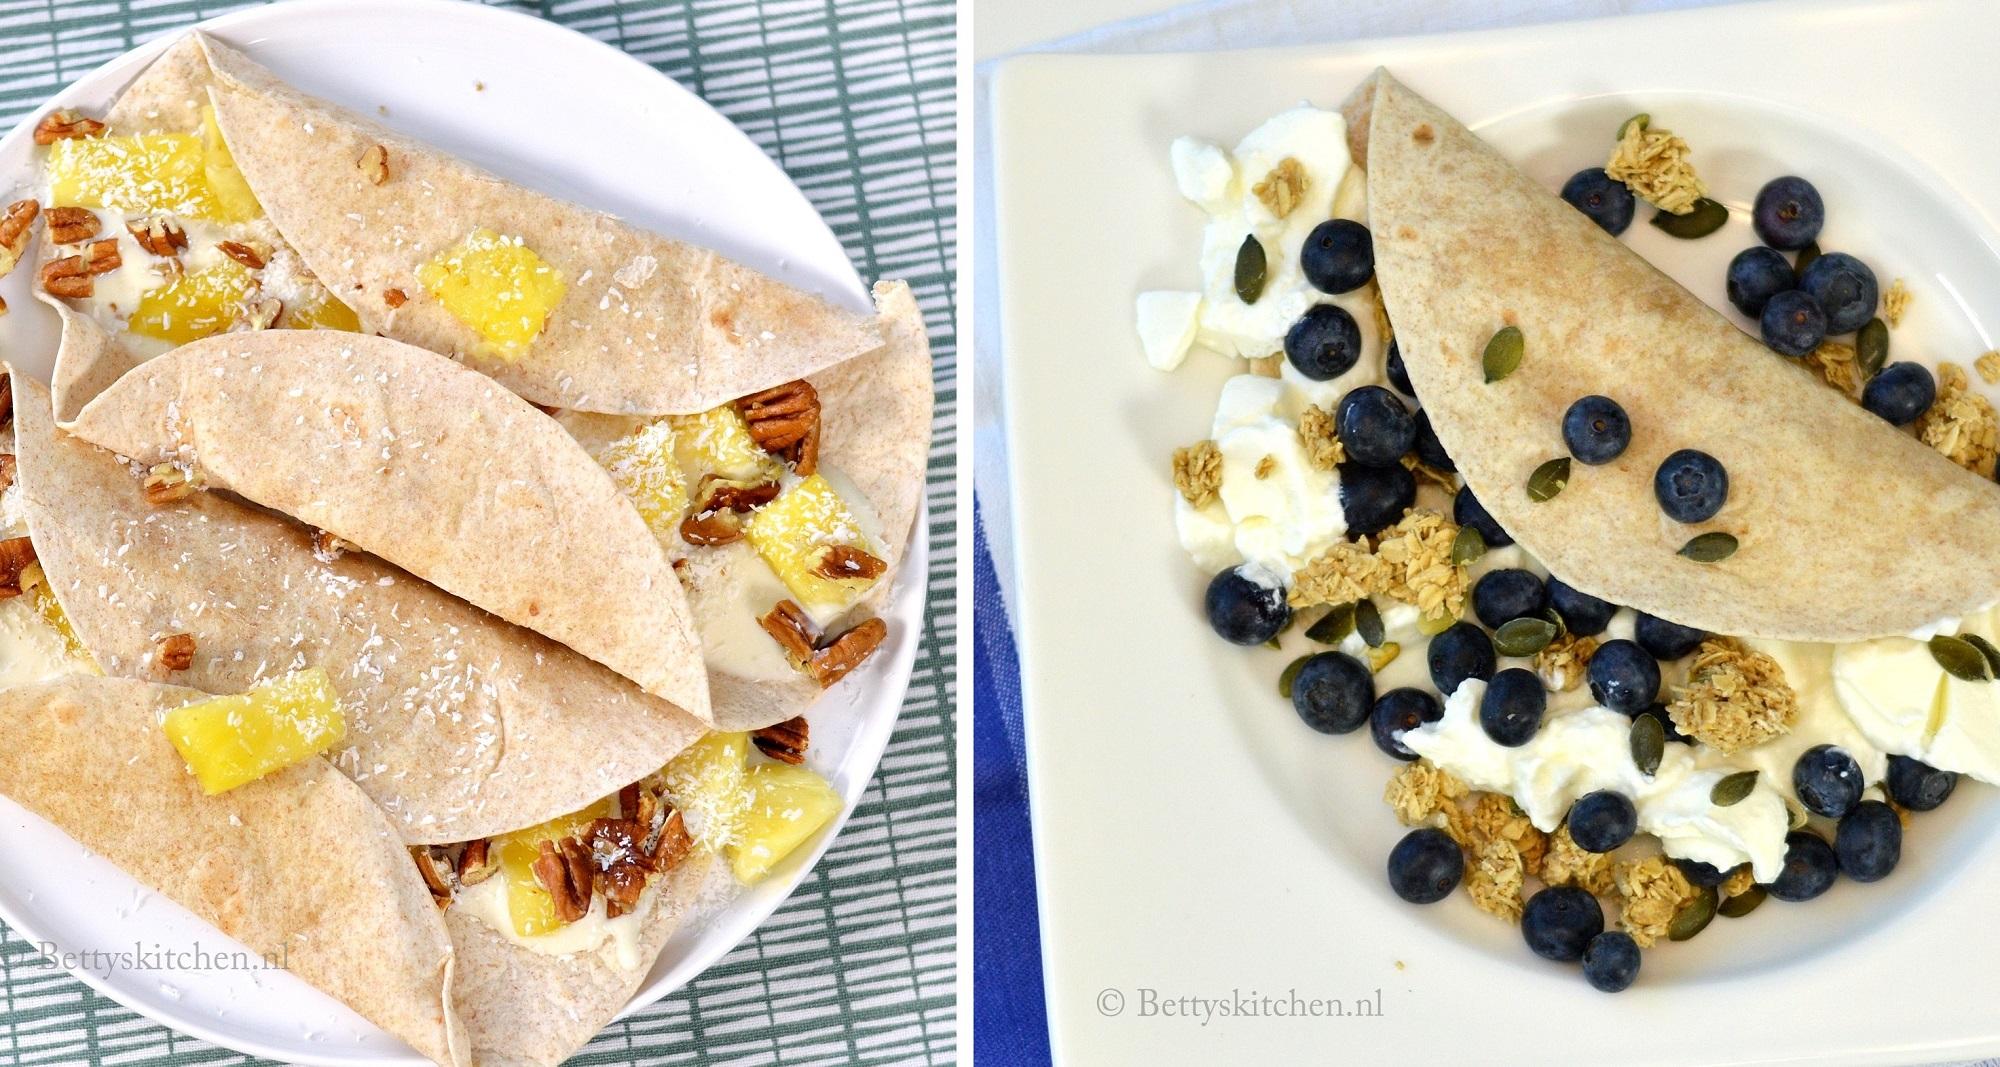 6x wraps met fruit ontbijt